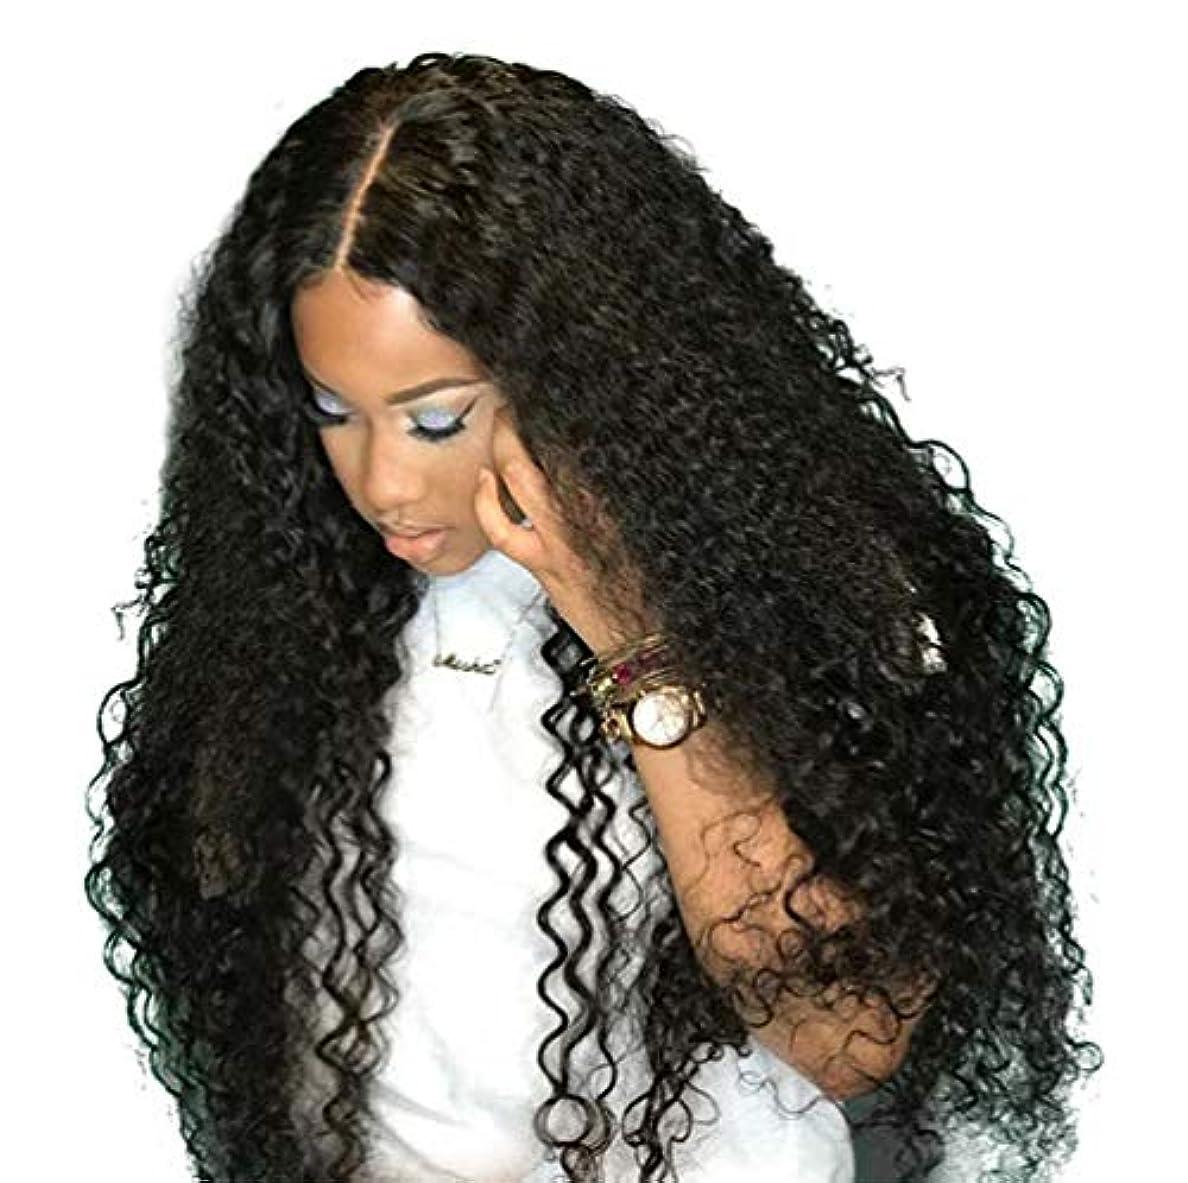 コンパイルアイデアソーダ水ブラジルレースかつらカーリーウェーブグルーレスレースかつら前頭かつら女性130%密度ブラジルカーリー人間の髪の毛黒26インチ